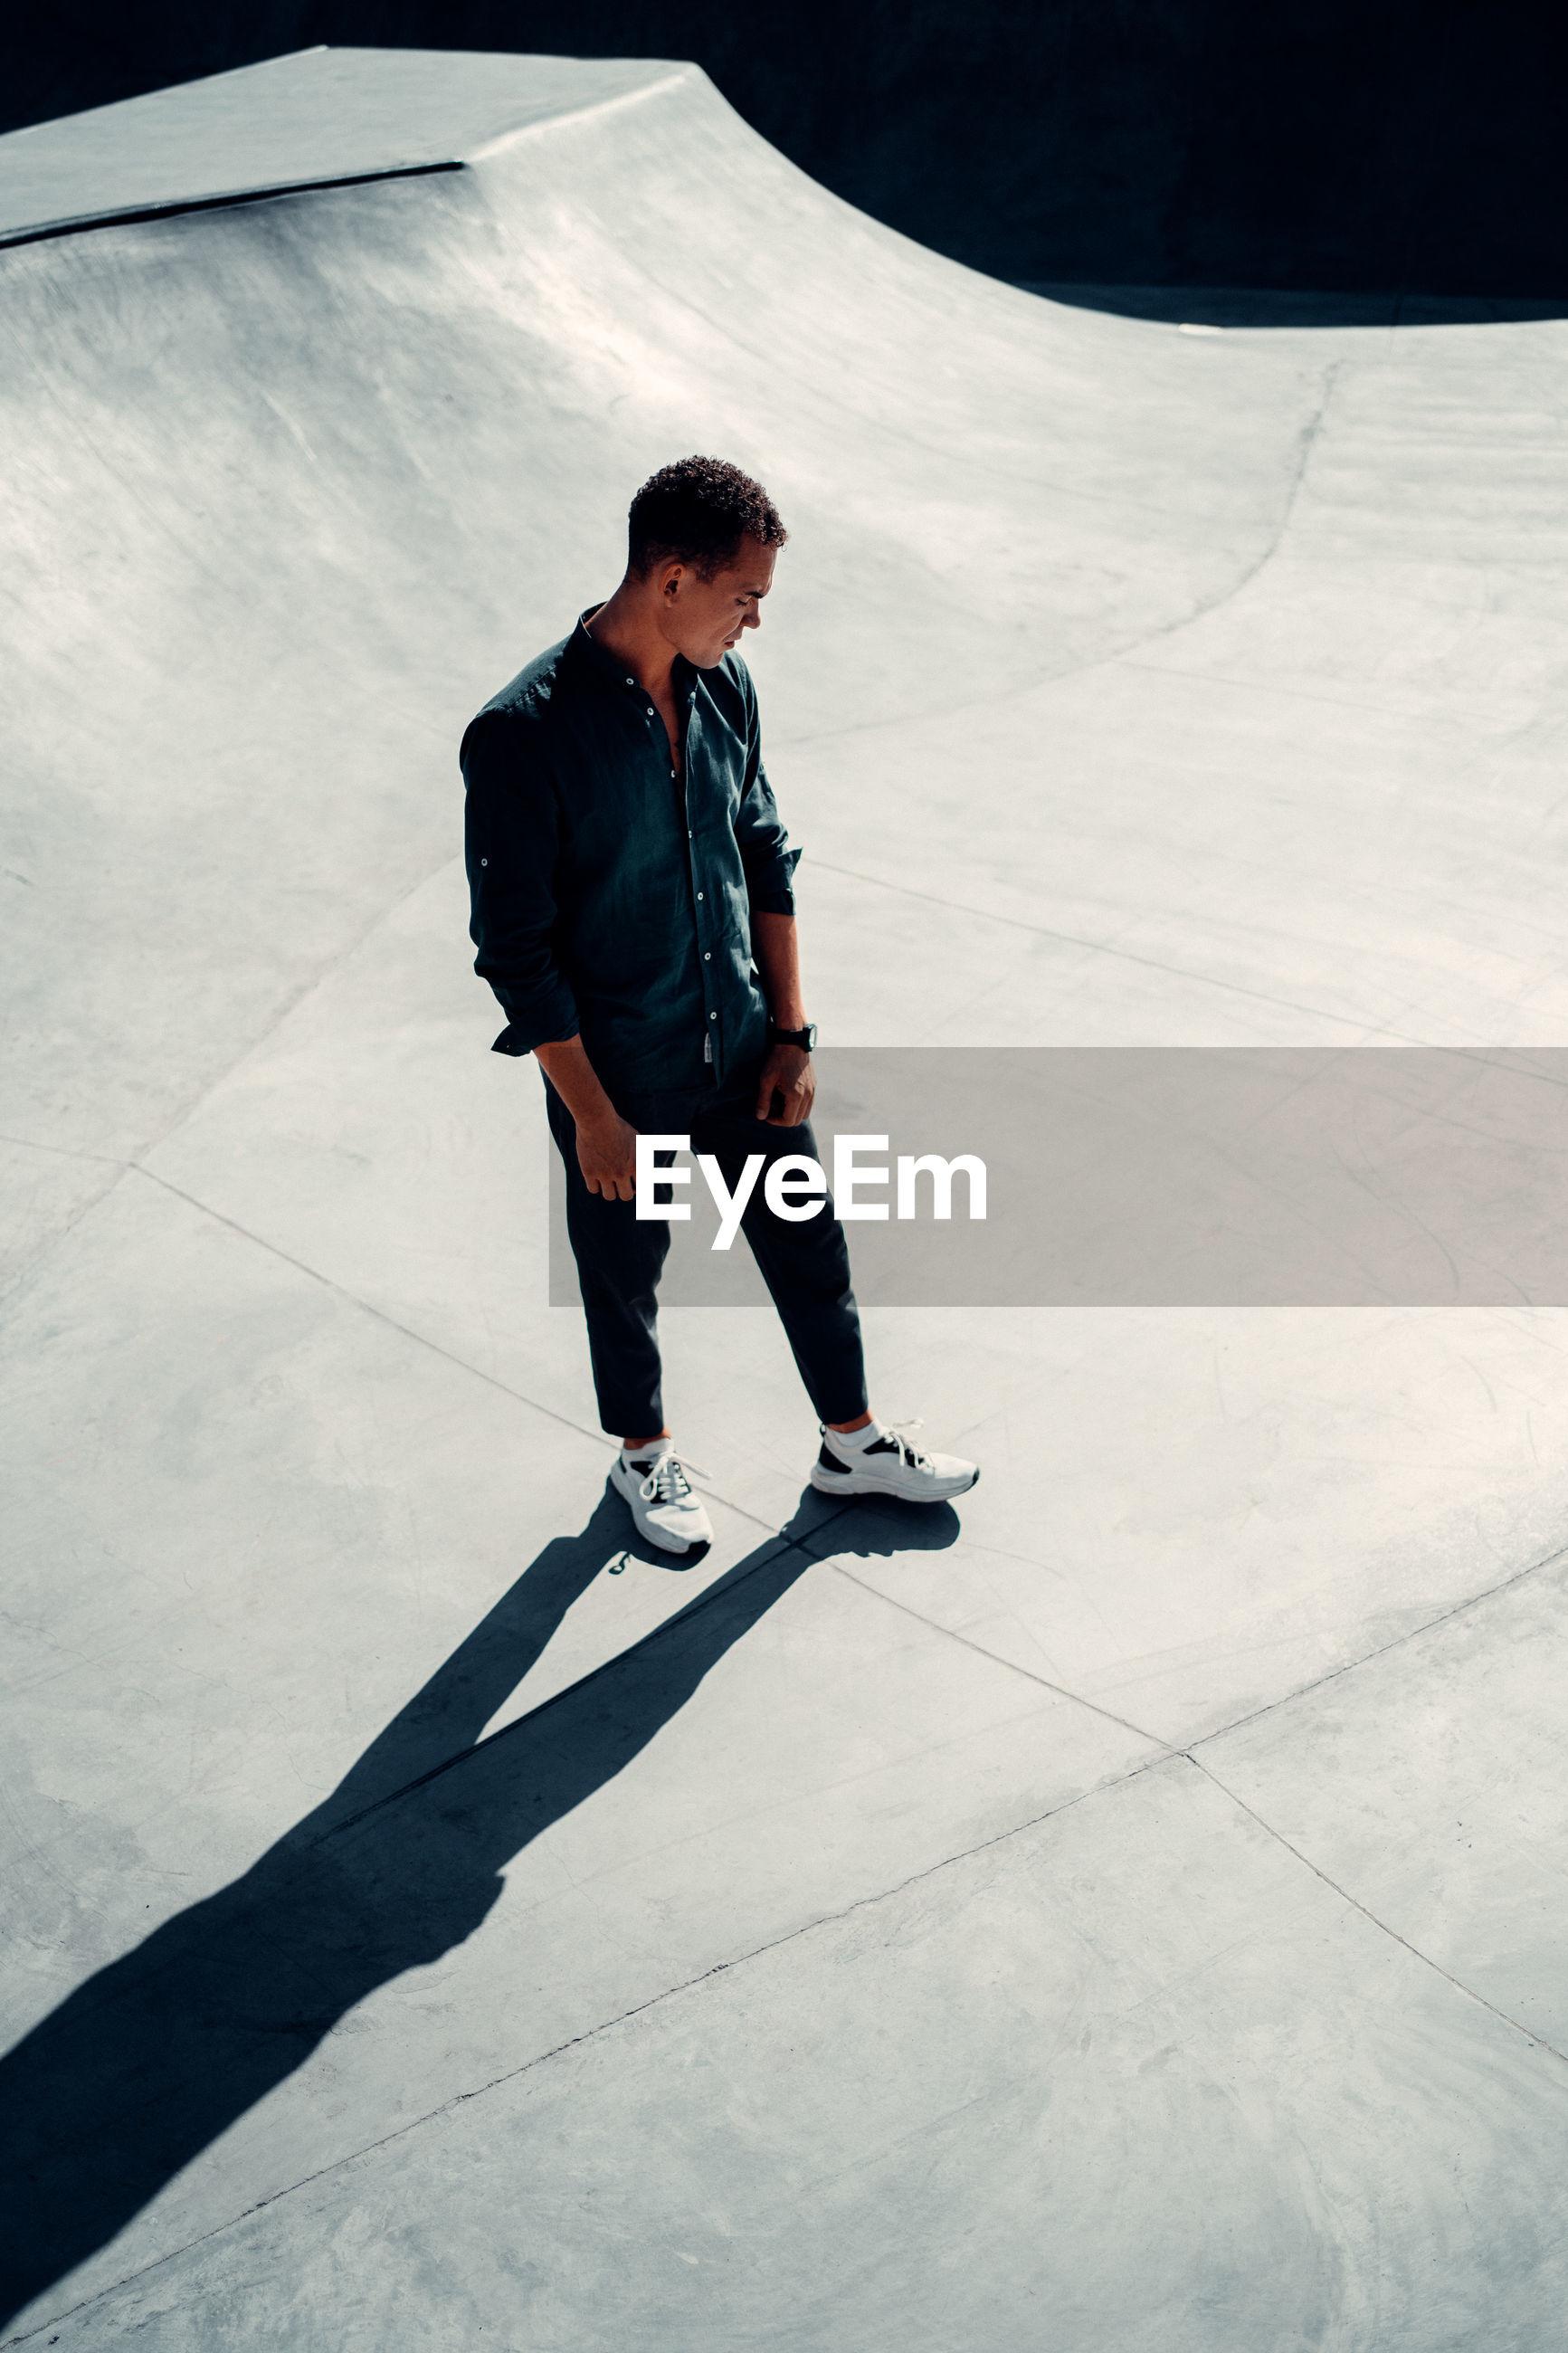 FULL LENGTH OF YOUNG MAN SKATEBOARDING ON SKATEBOARD